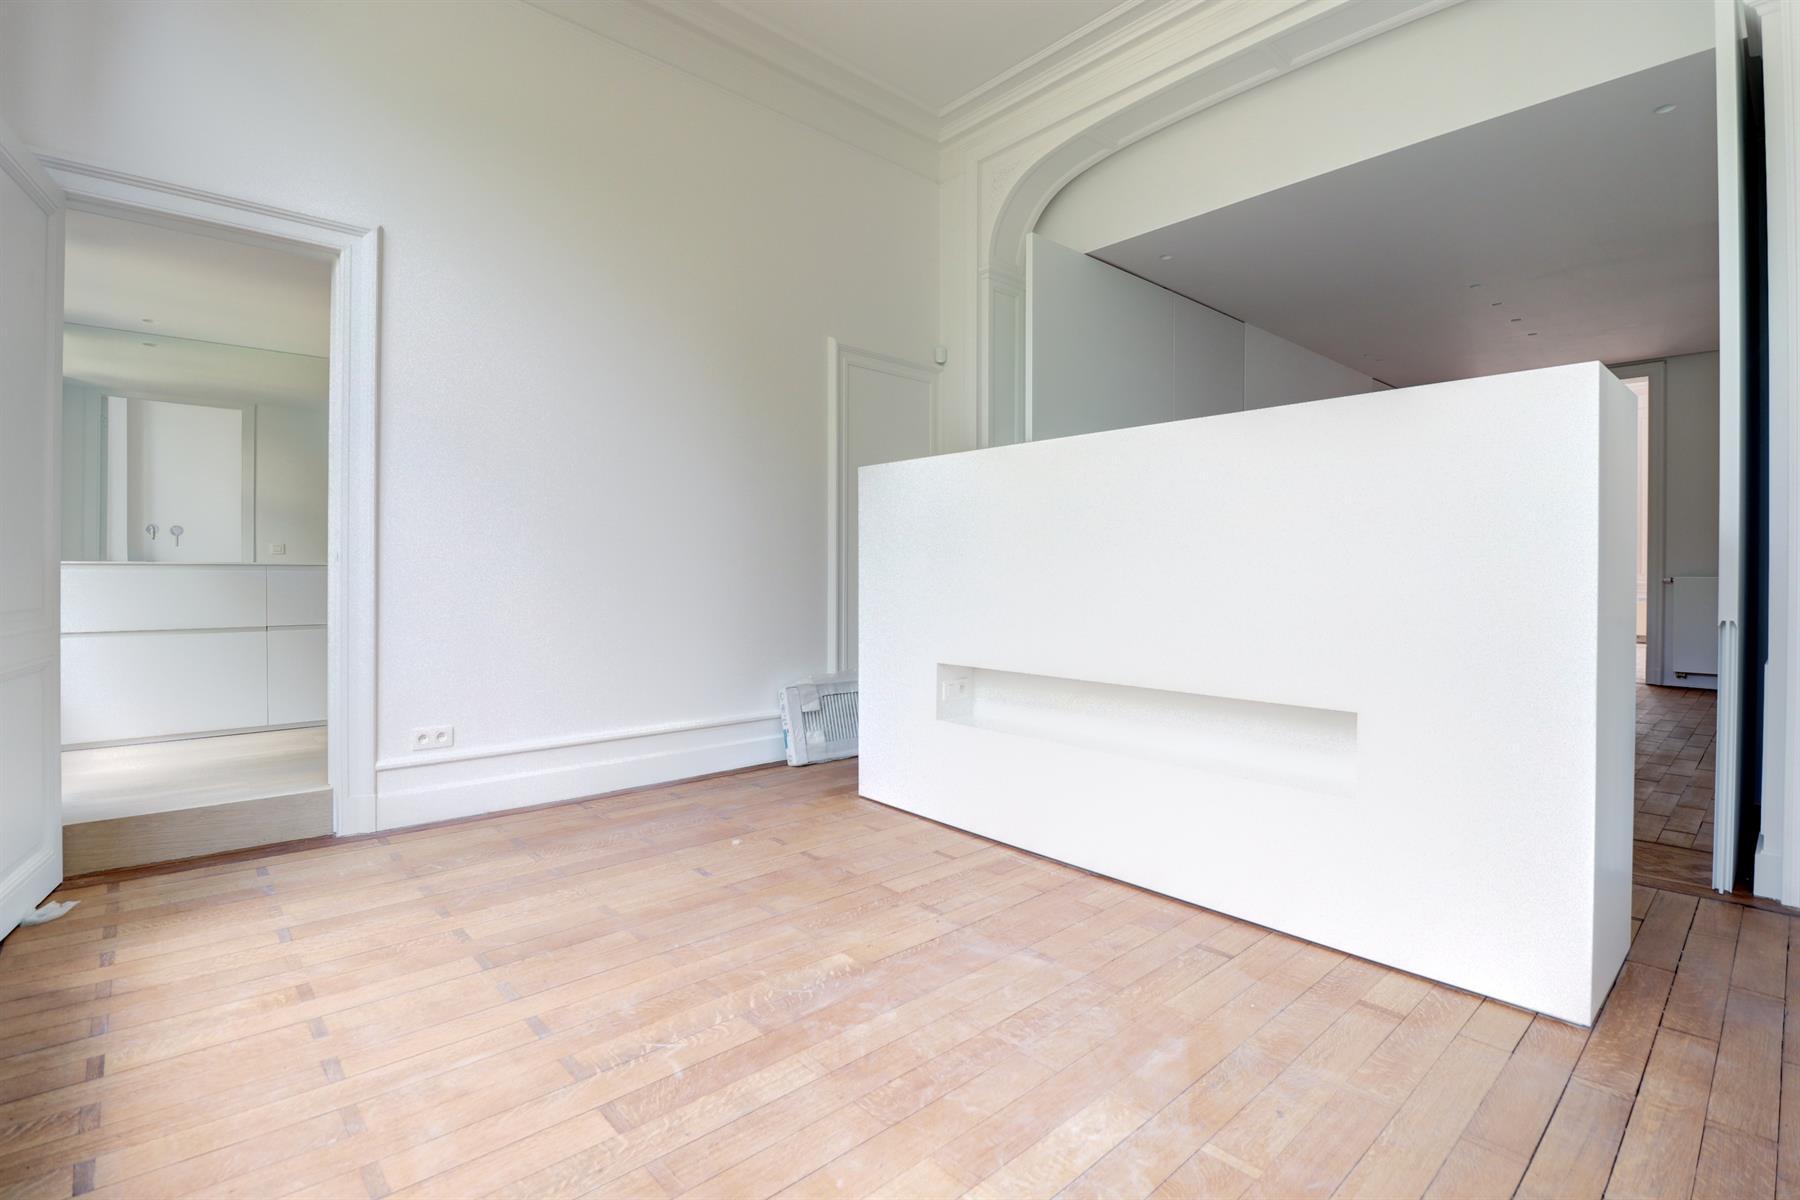 Flat - Ixelles - #4091403-14